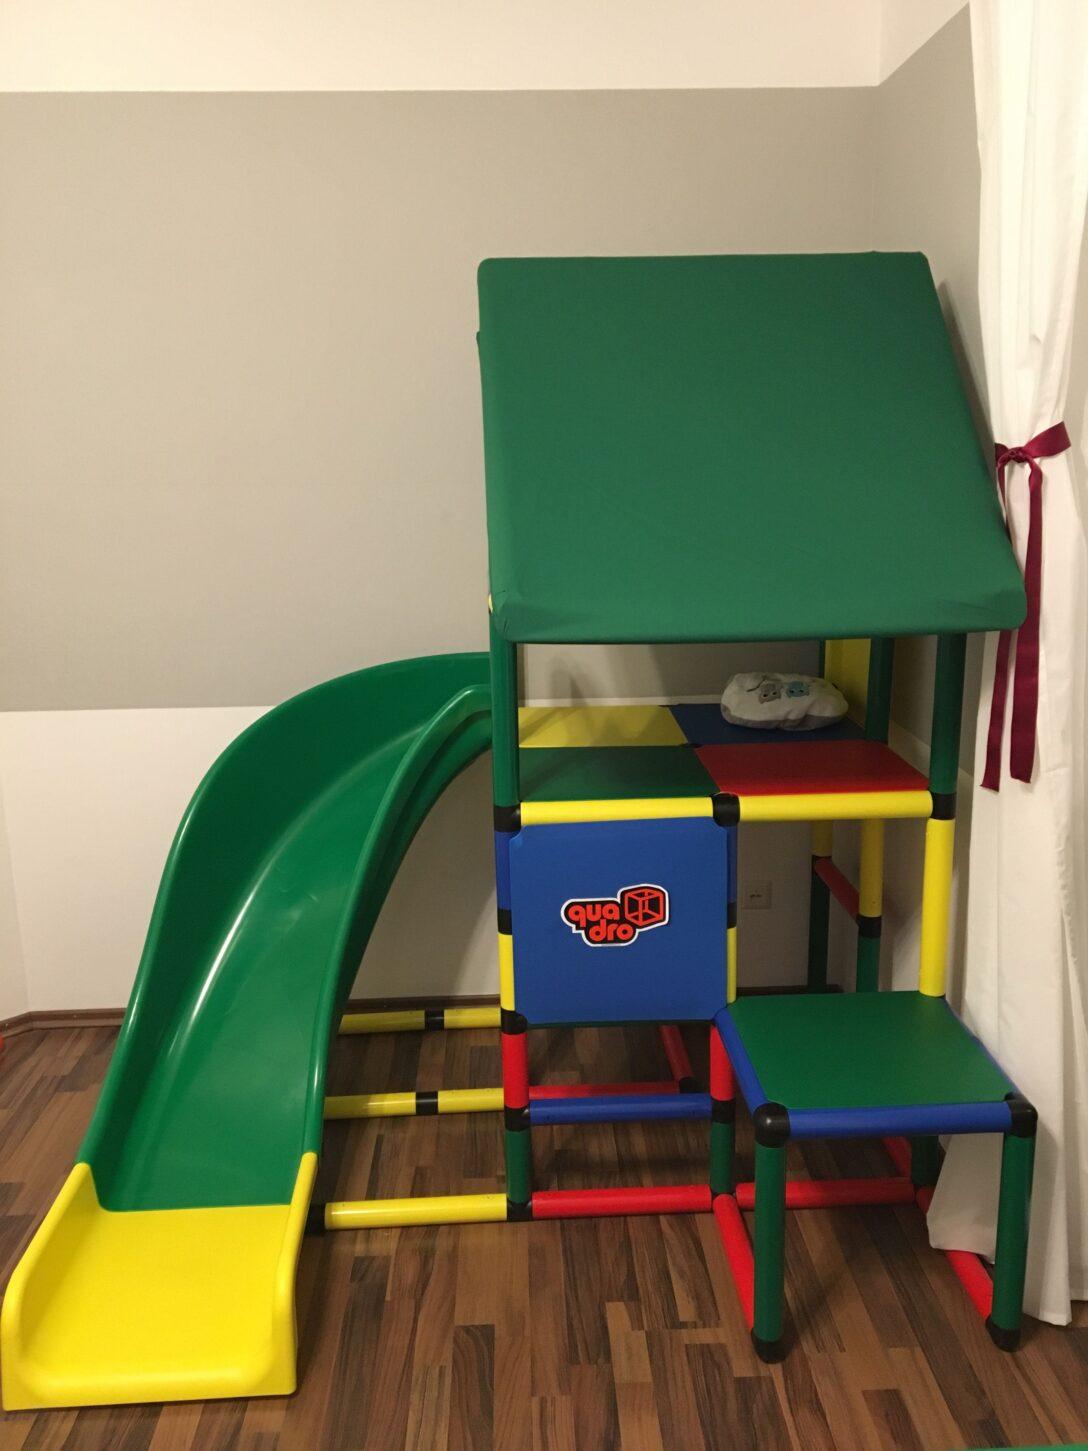 Full Size of Quadro Klettergerüst Klettergerst Kinderzimmer Indoor Von Frs Garten Wohnzimmer Quadro Klettergerüst